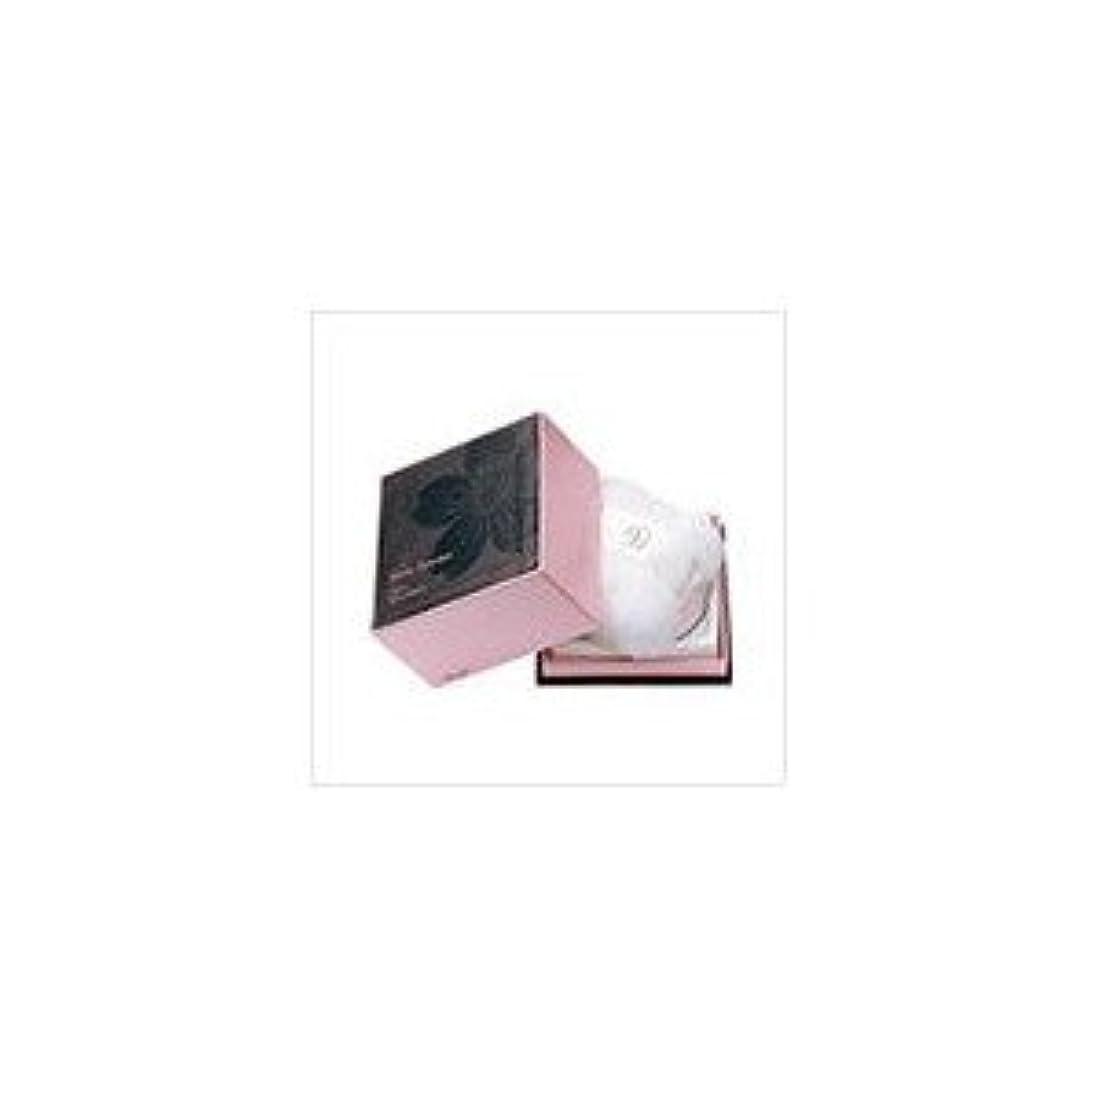 サロン弾薬ボイコットトワニー ボディケアボディーパウダーにほひ桜プレスドタイプ(40g)